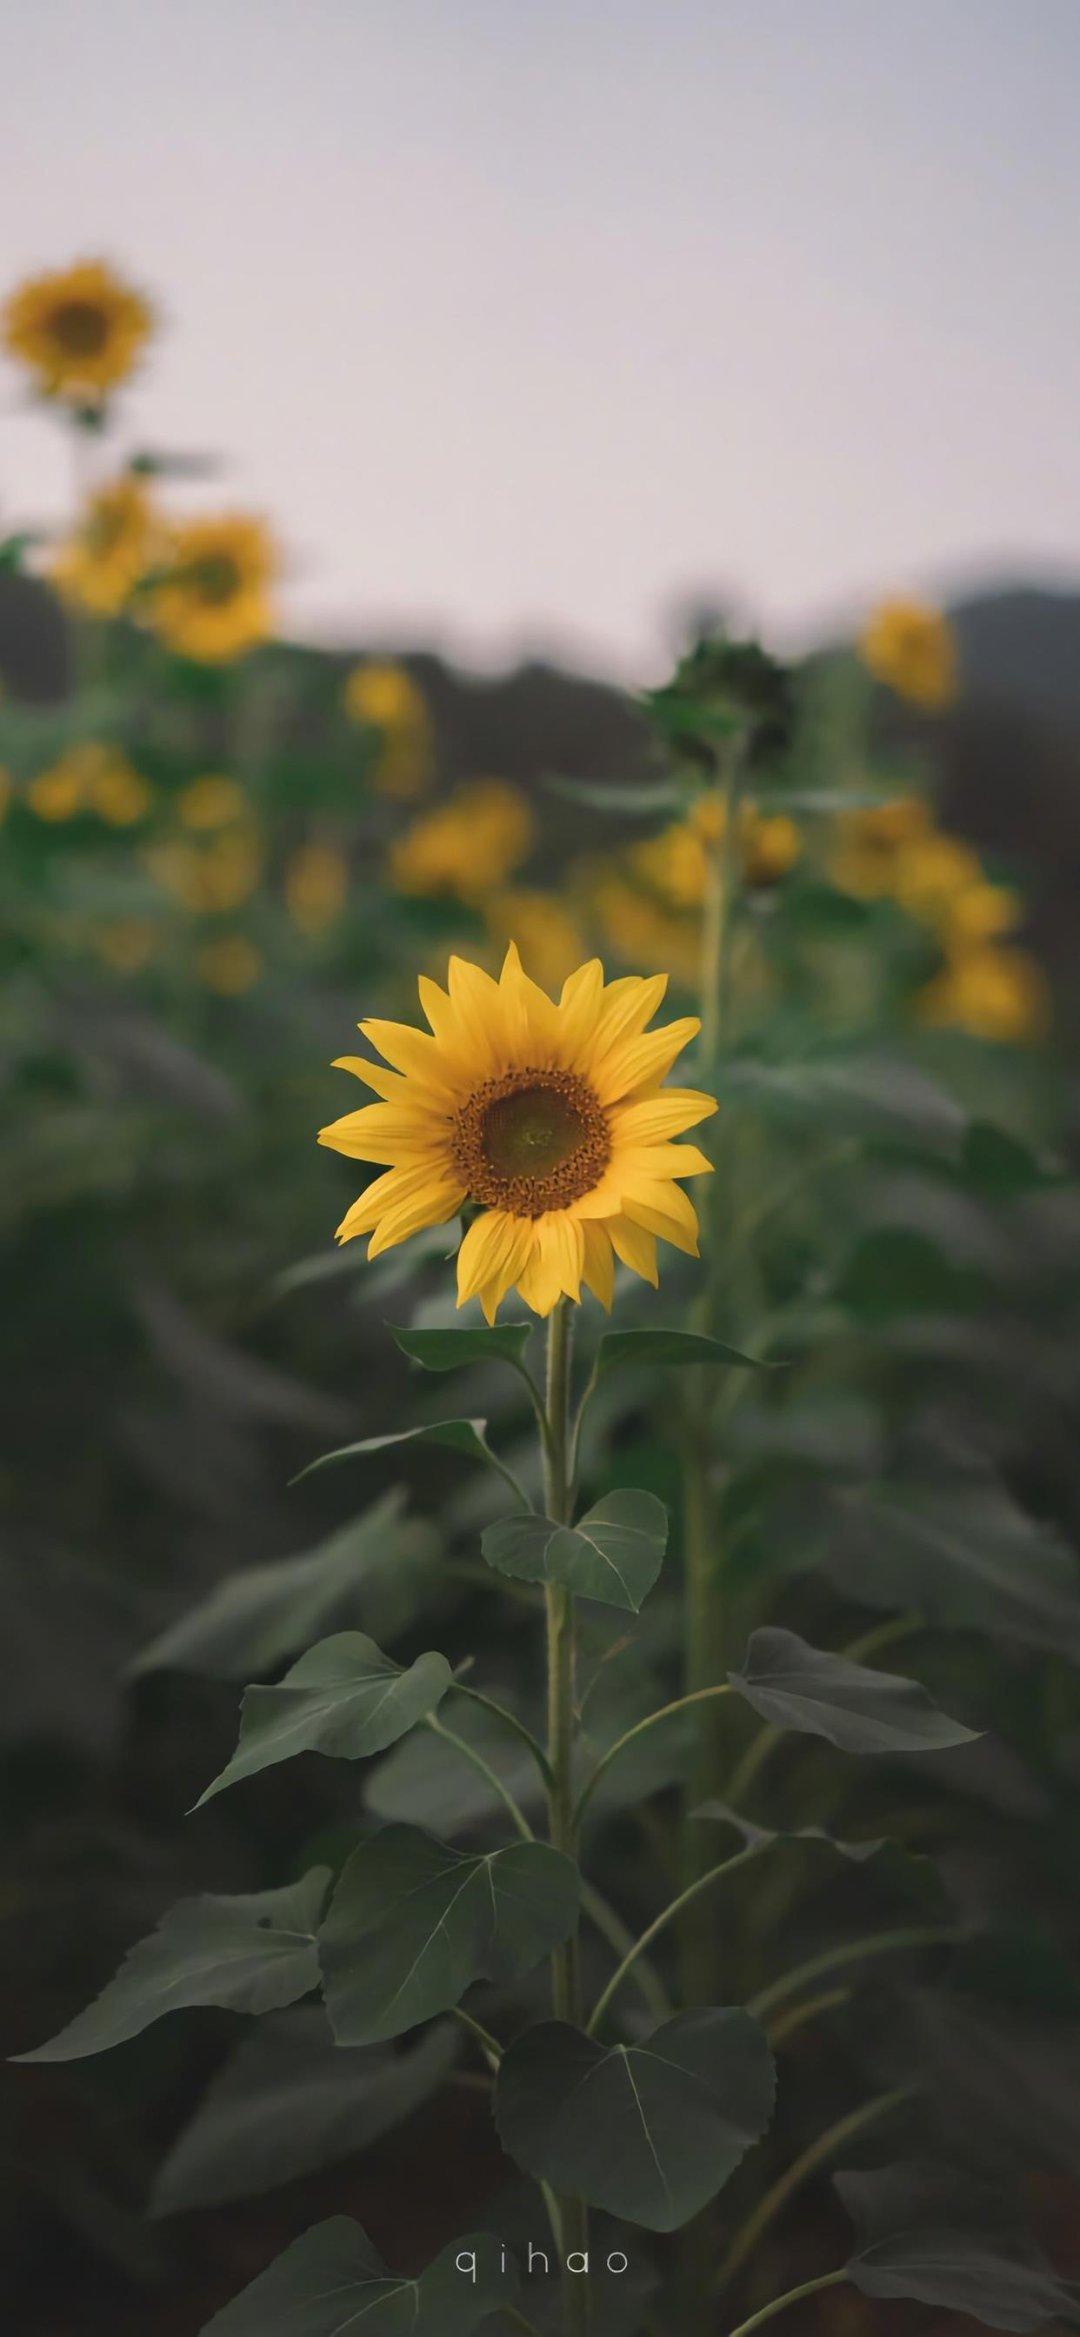 向日葵,风景治愈系唯美无水印手机壁纸哦